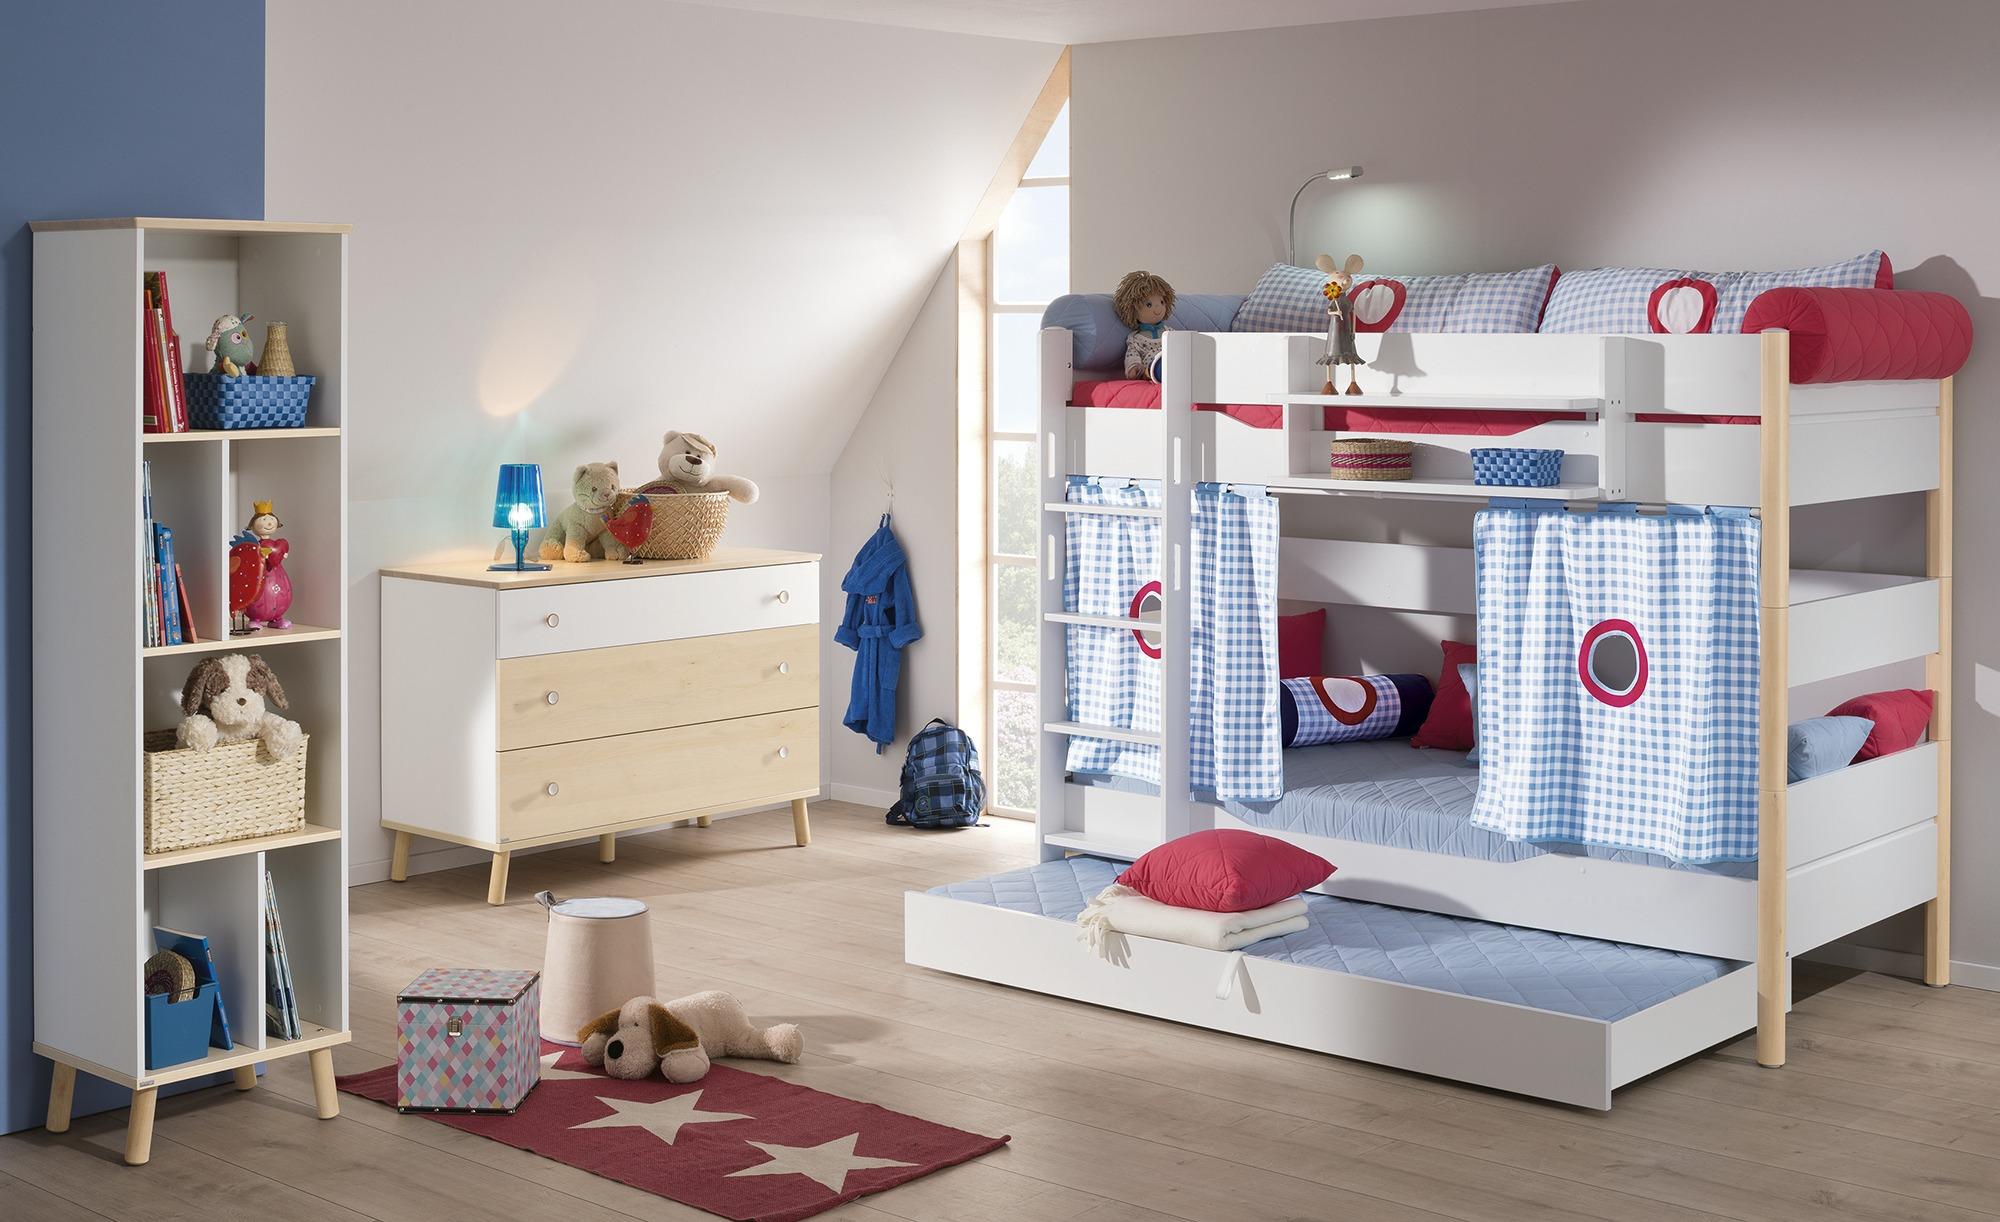 Kinderzimmer 'Ylvie' als Geschwisterzimmer für Jungen